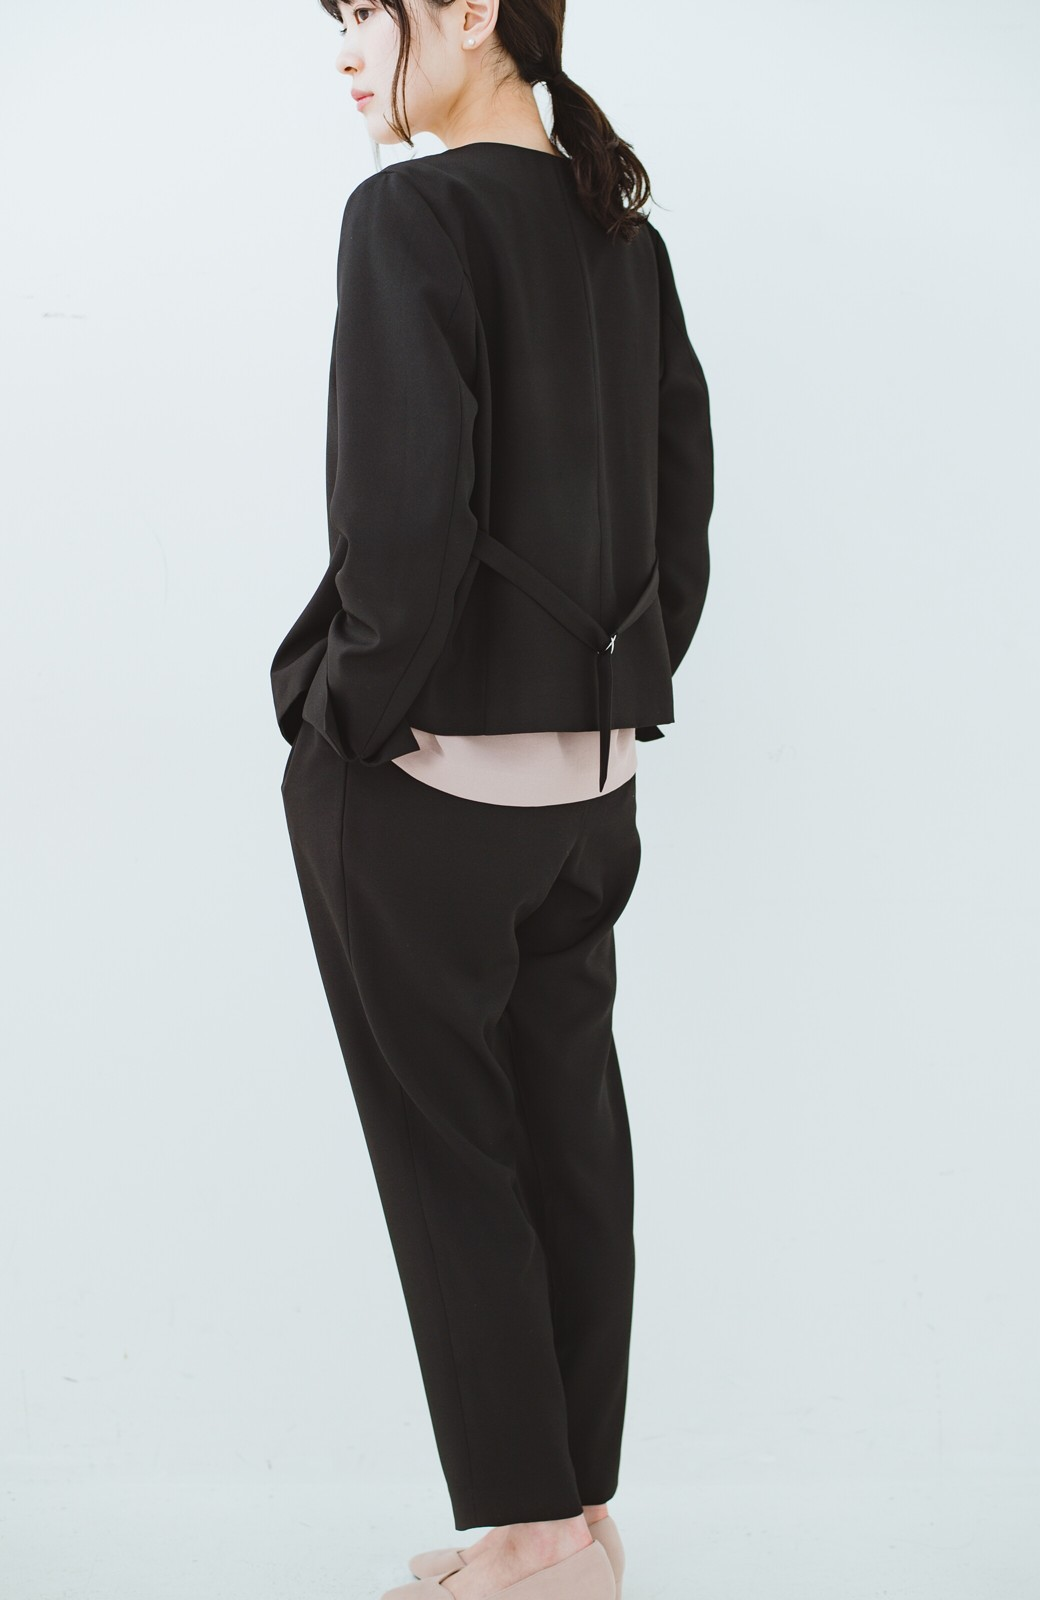 haco! 持っていると便利な 野暮ったくならないウエストベルト付きフォーマルジャケット <ブラック>の商品写真27